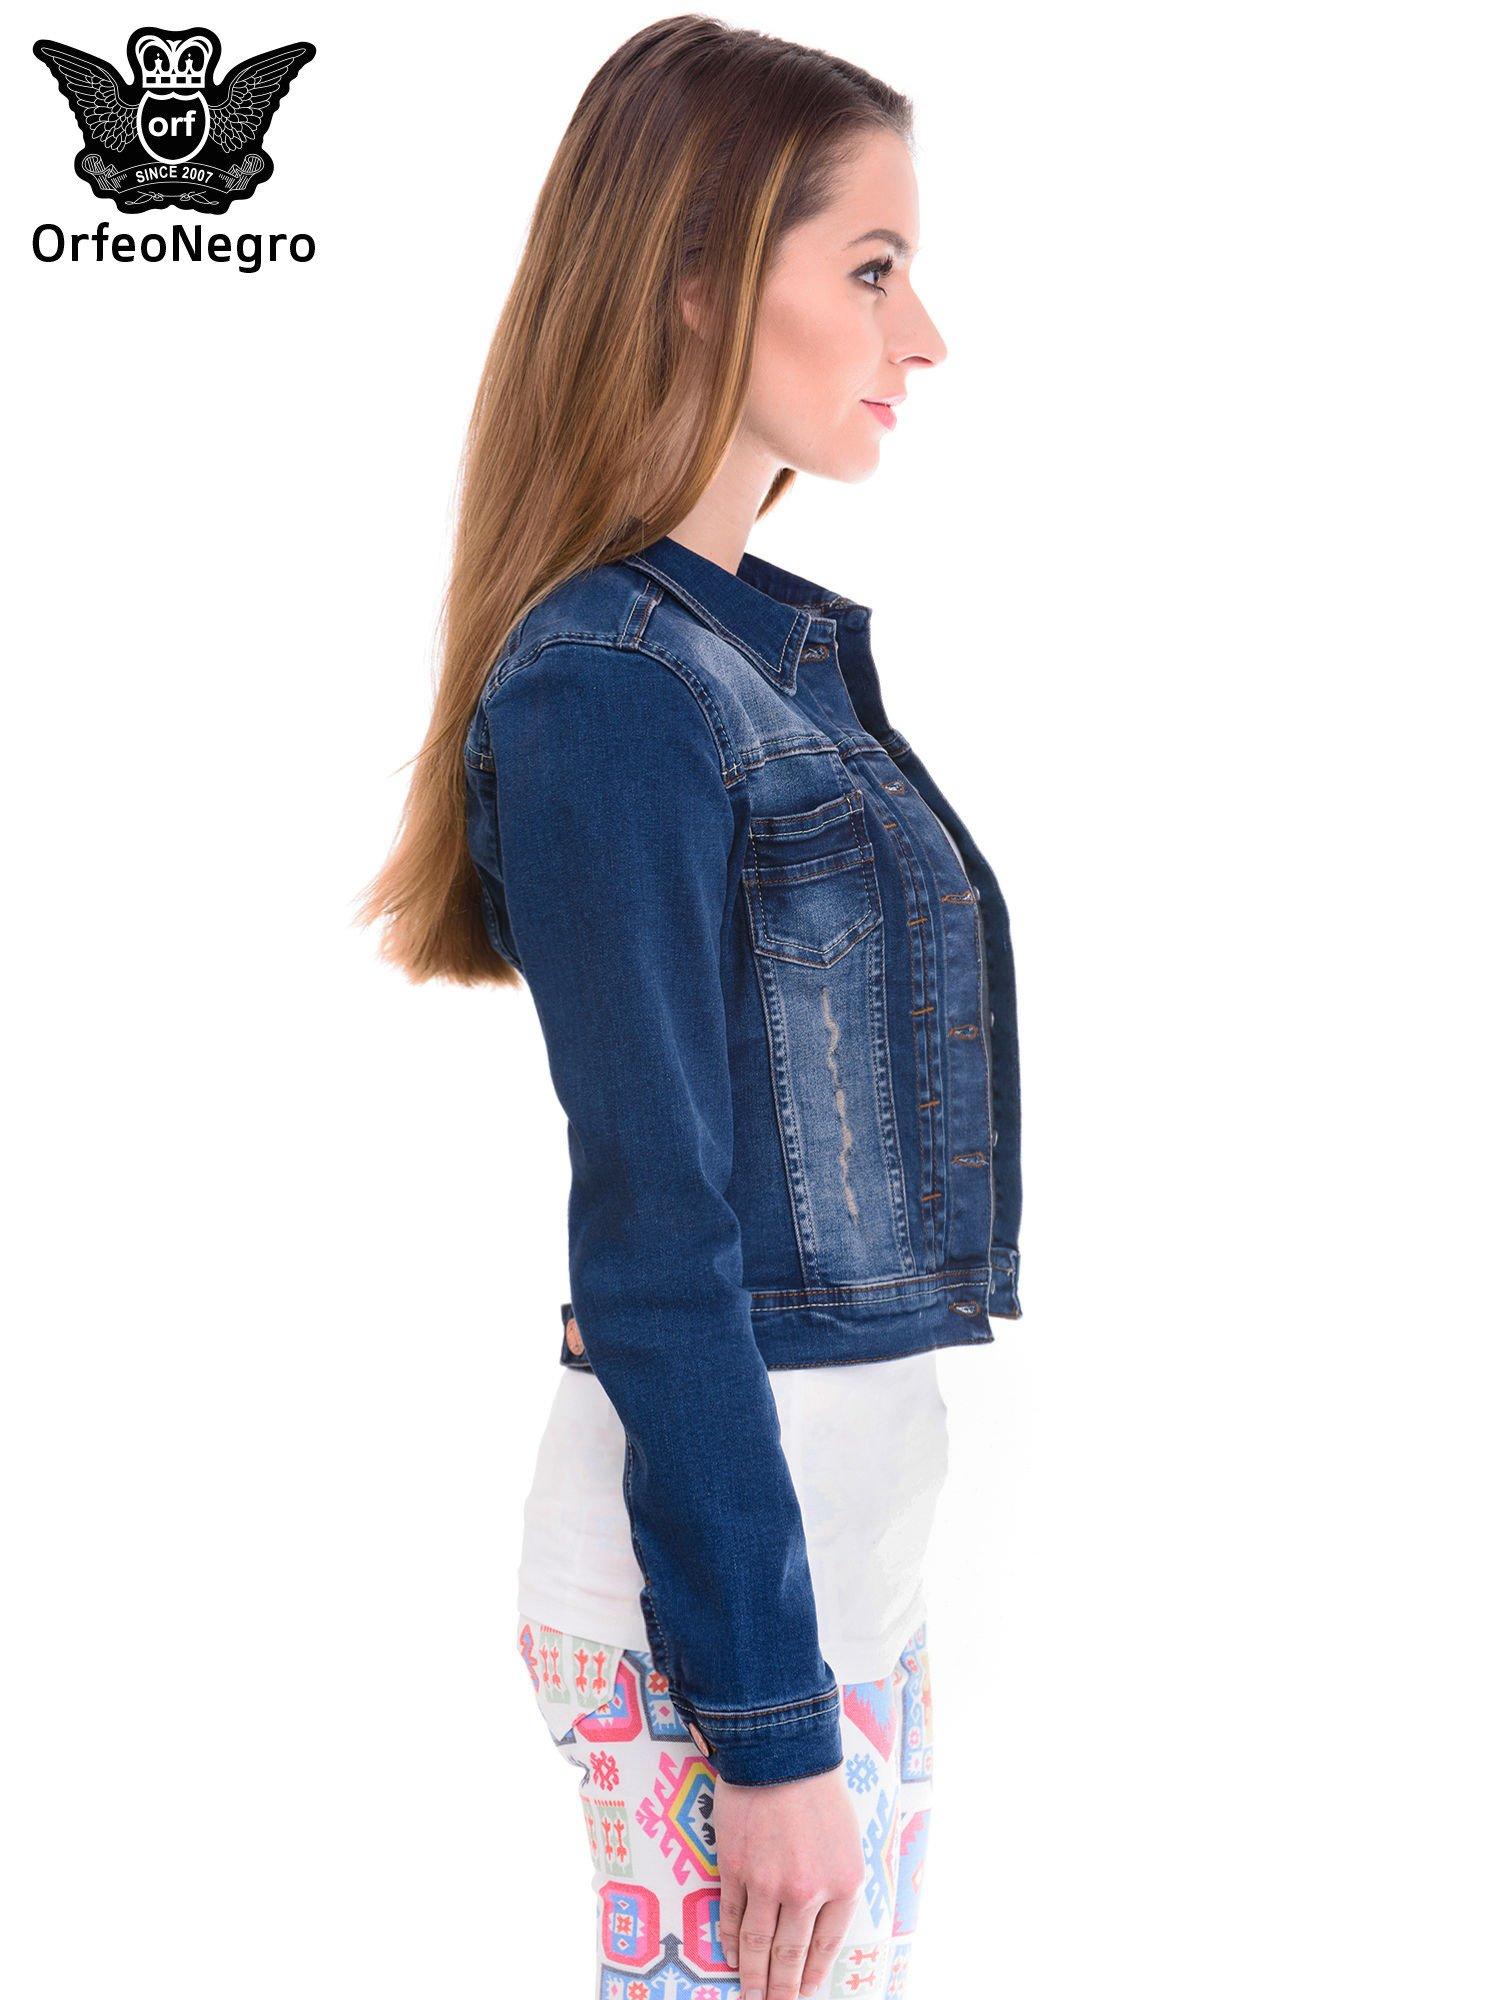 Ciemnoniebieska kurtka jeansowa damska z cieniowaniem i przetarciami                                  zdj.                                  3